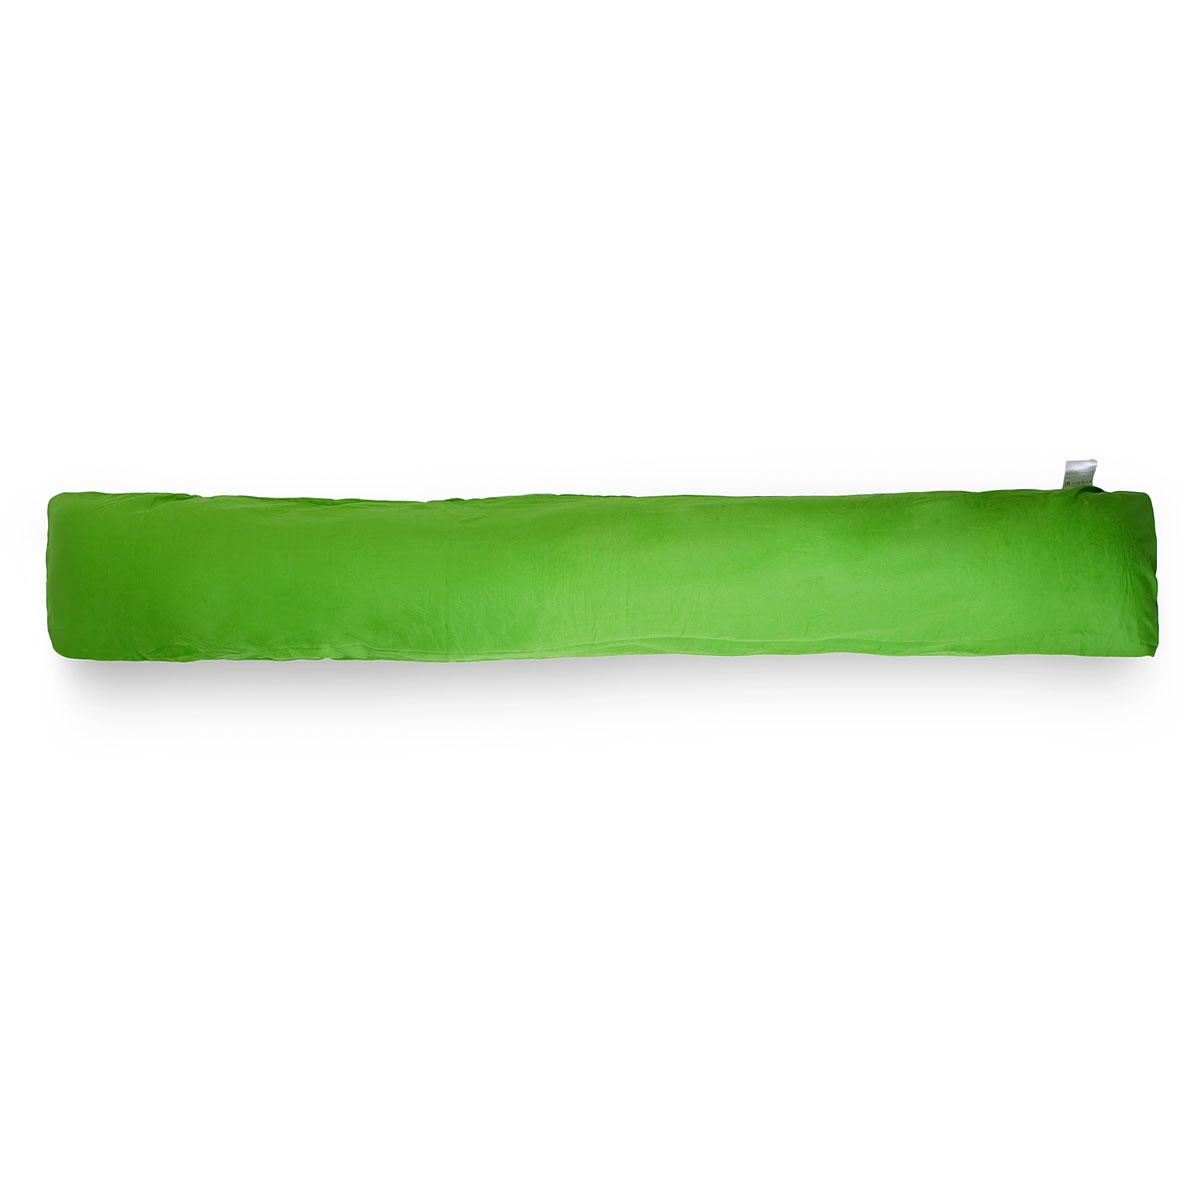 Био-подушка для всего тела I maxi цвет чехла зеленый